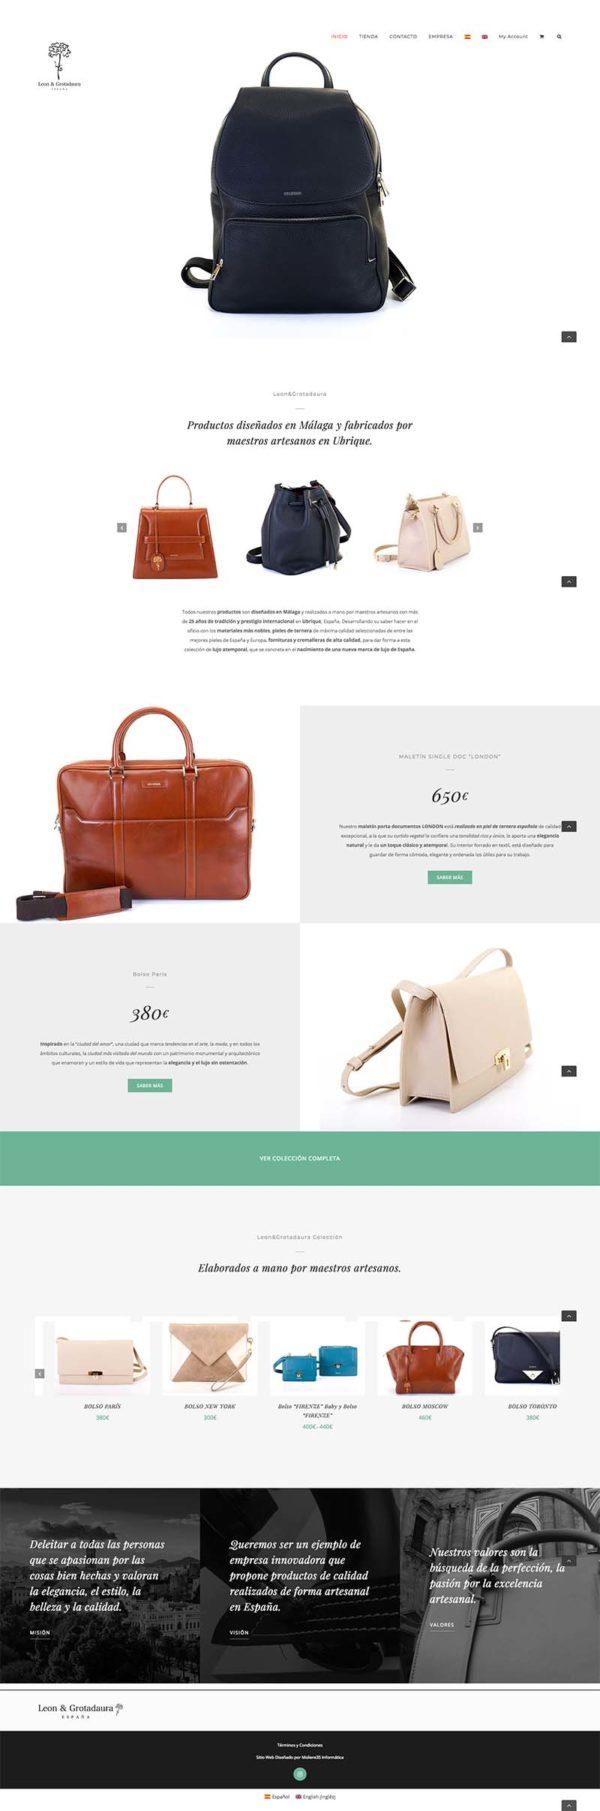 leon y grotadaura - Tienda online